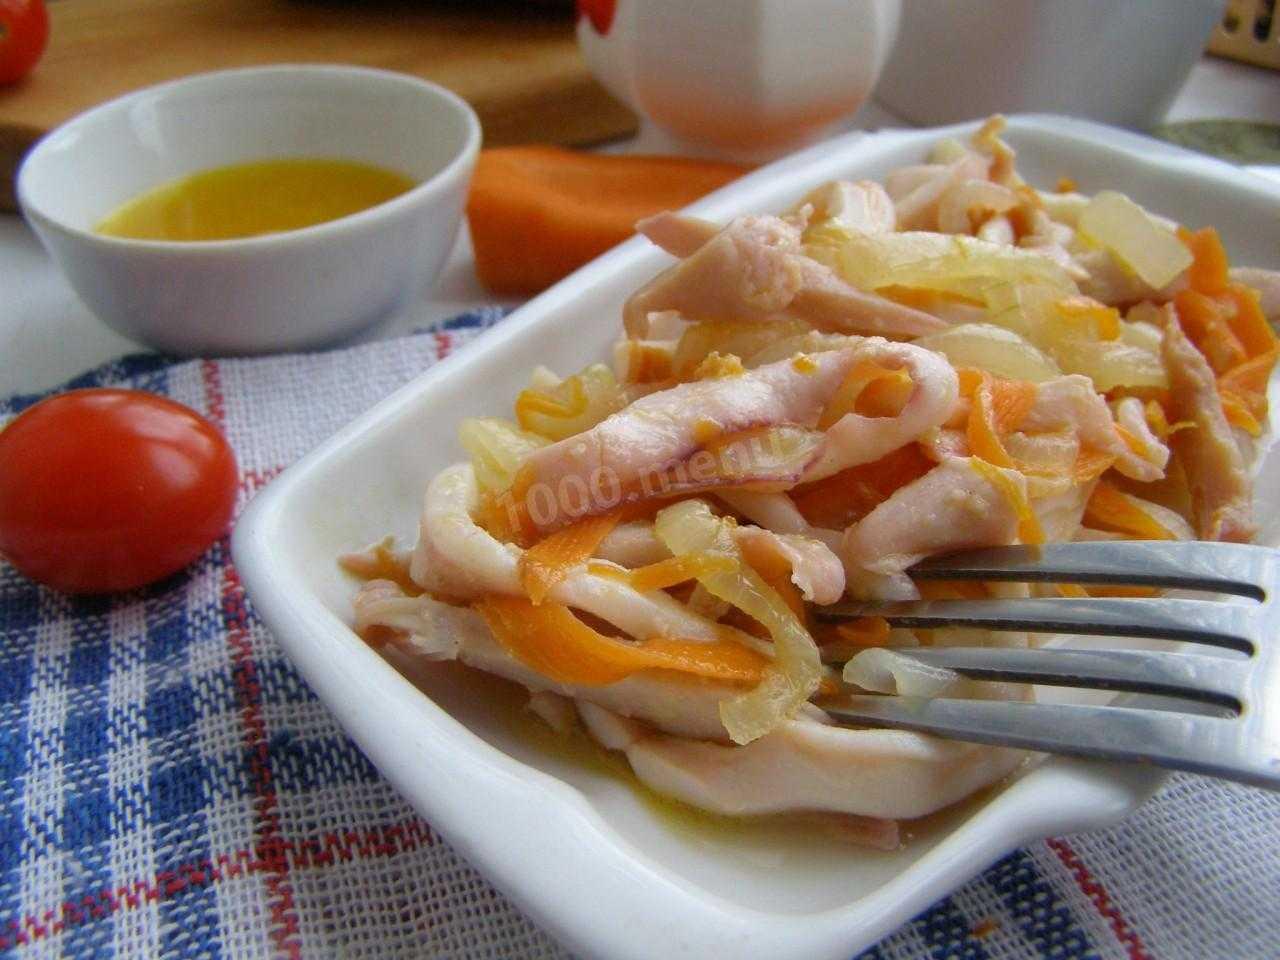 Салат с кальмарами - 10 самых вкусных и простых рецептов с фото пошагово